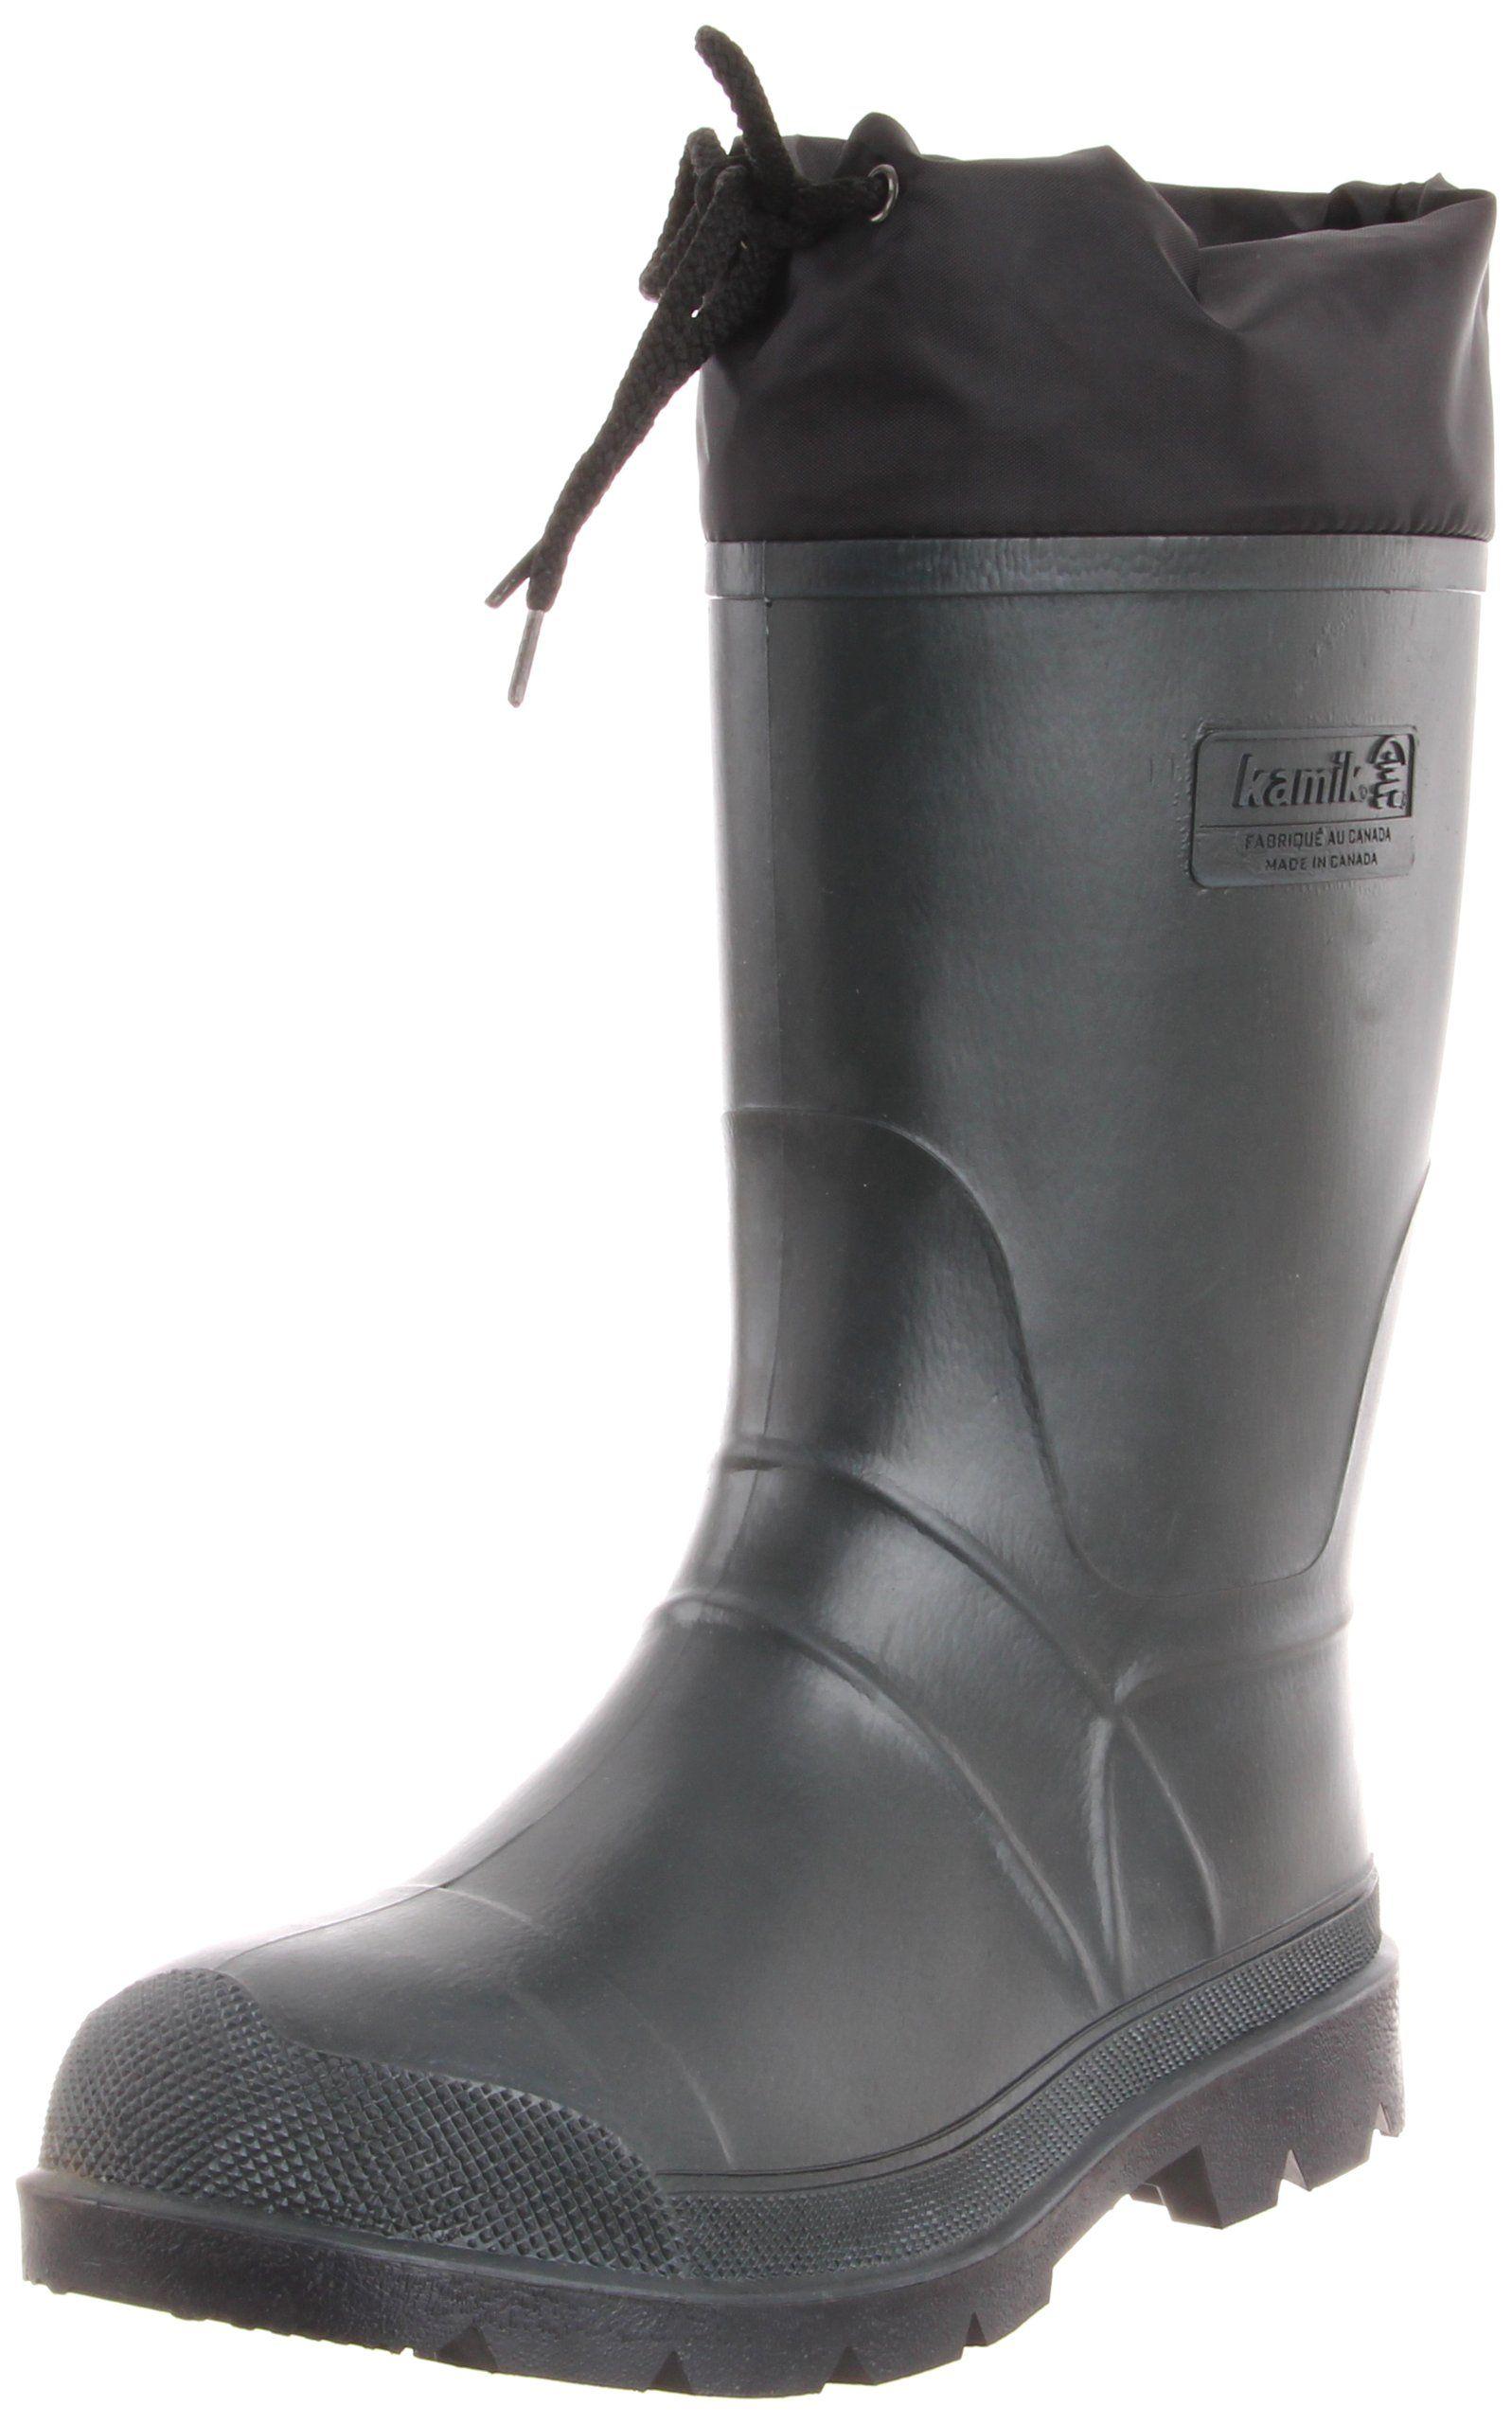 Kamik Snobuster 2 chaussures d'hiver enfants navy 5O4GUr5r